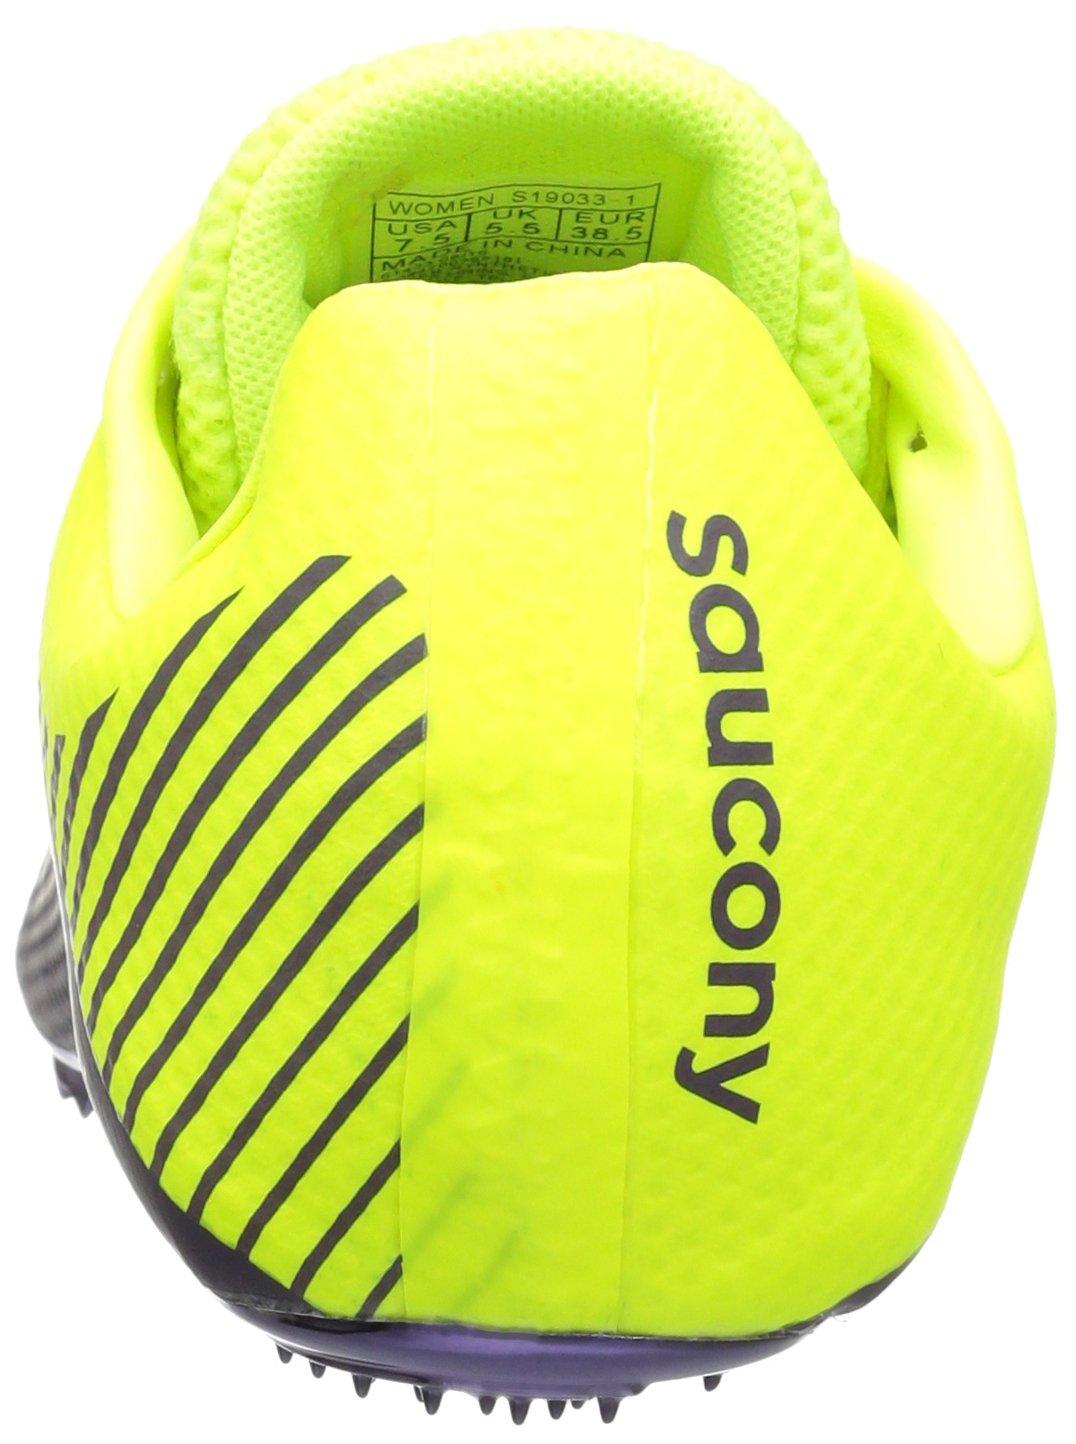 Saucony Women's Showdown 4 Track Shoe, Citron/Purple, 9.5 M US by Saucony (Image #2)